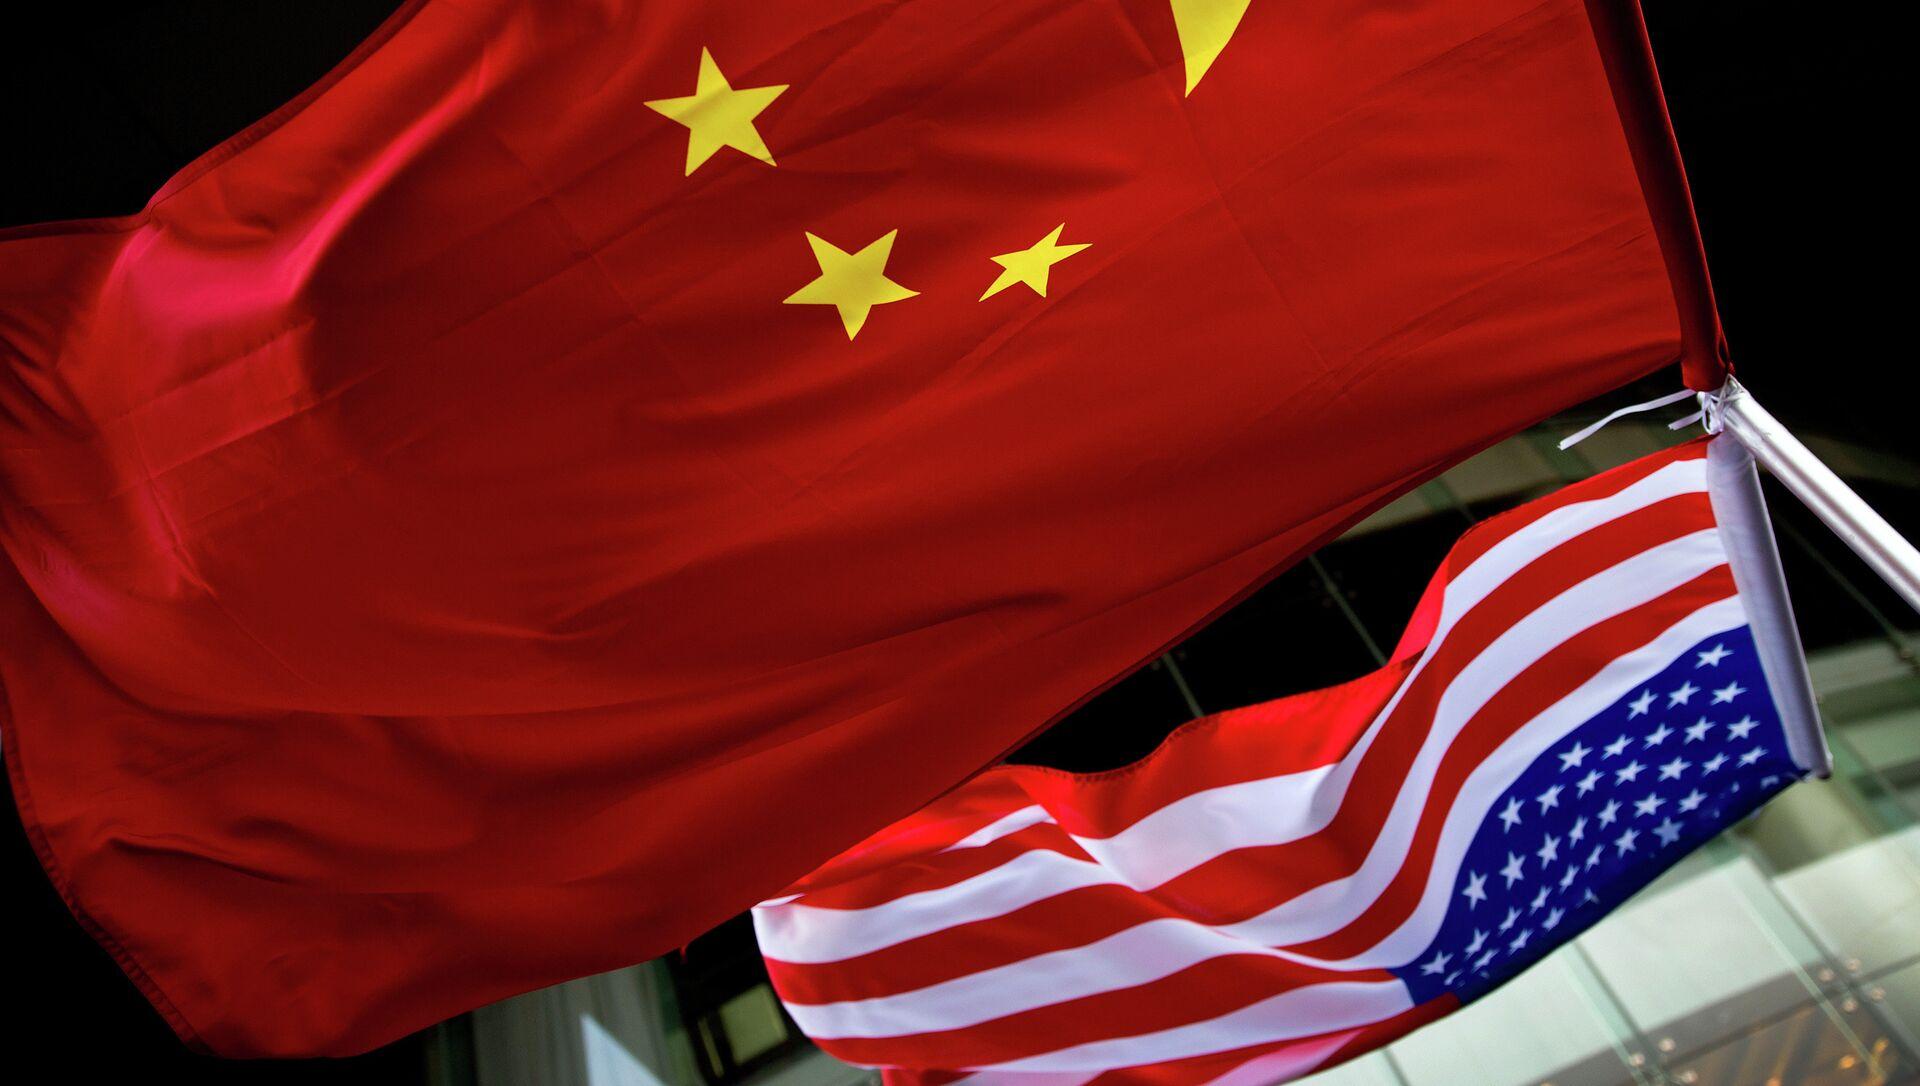 Bandiere degli USA e Cina - Sputnik Italia, 1920, 10.03.2021